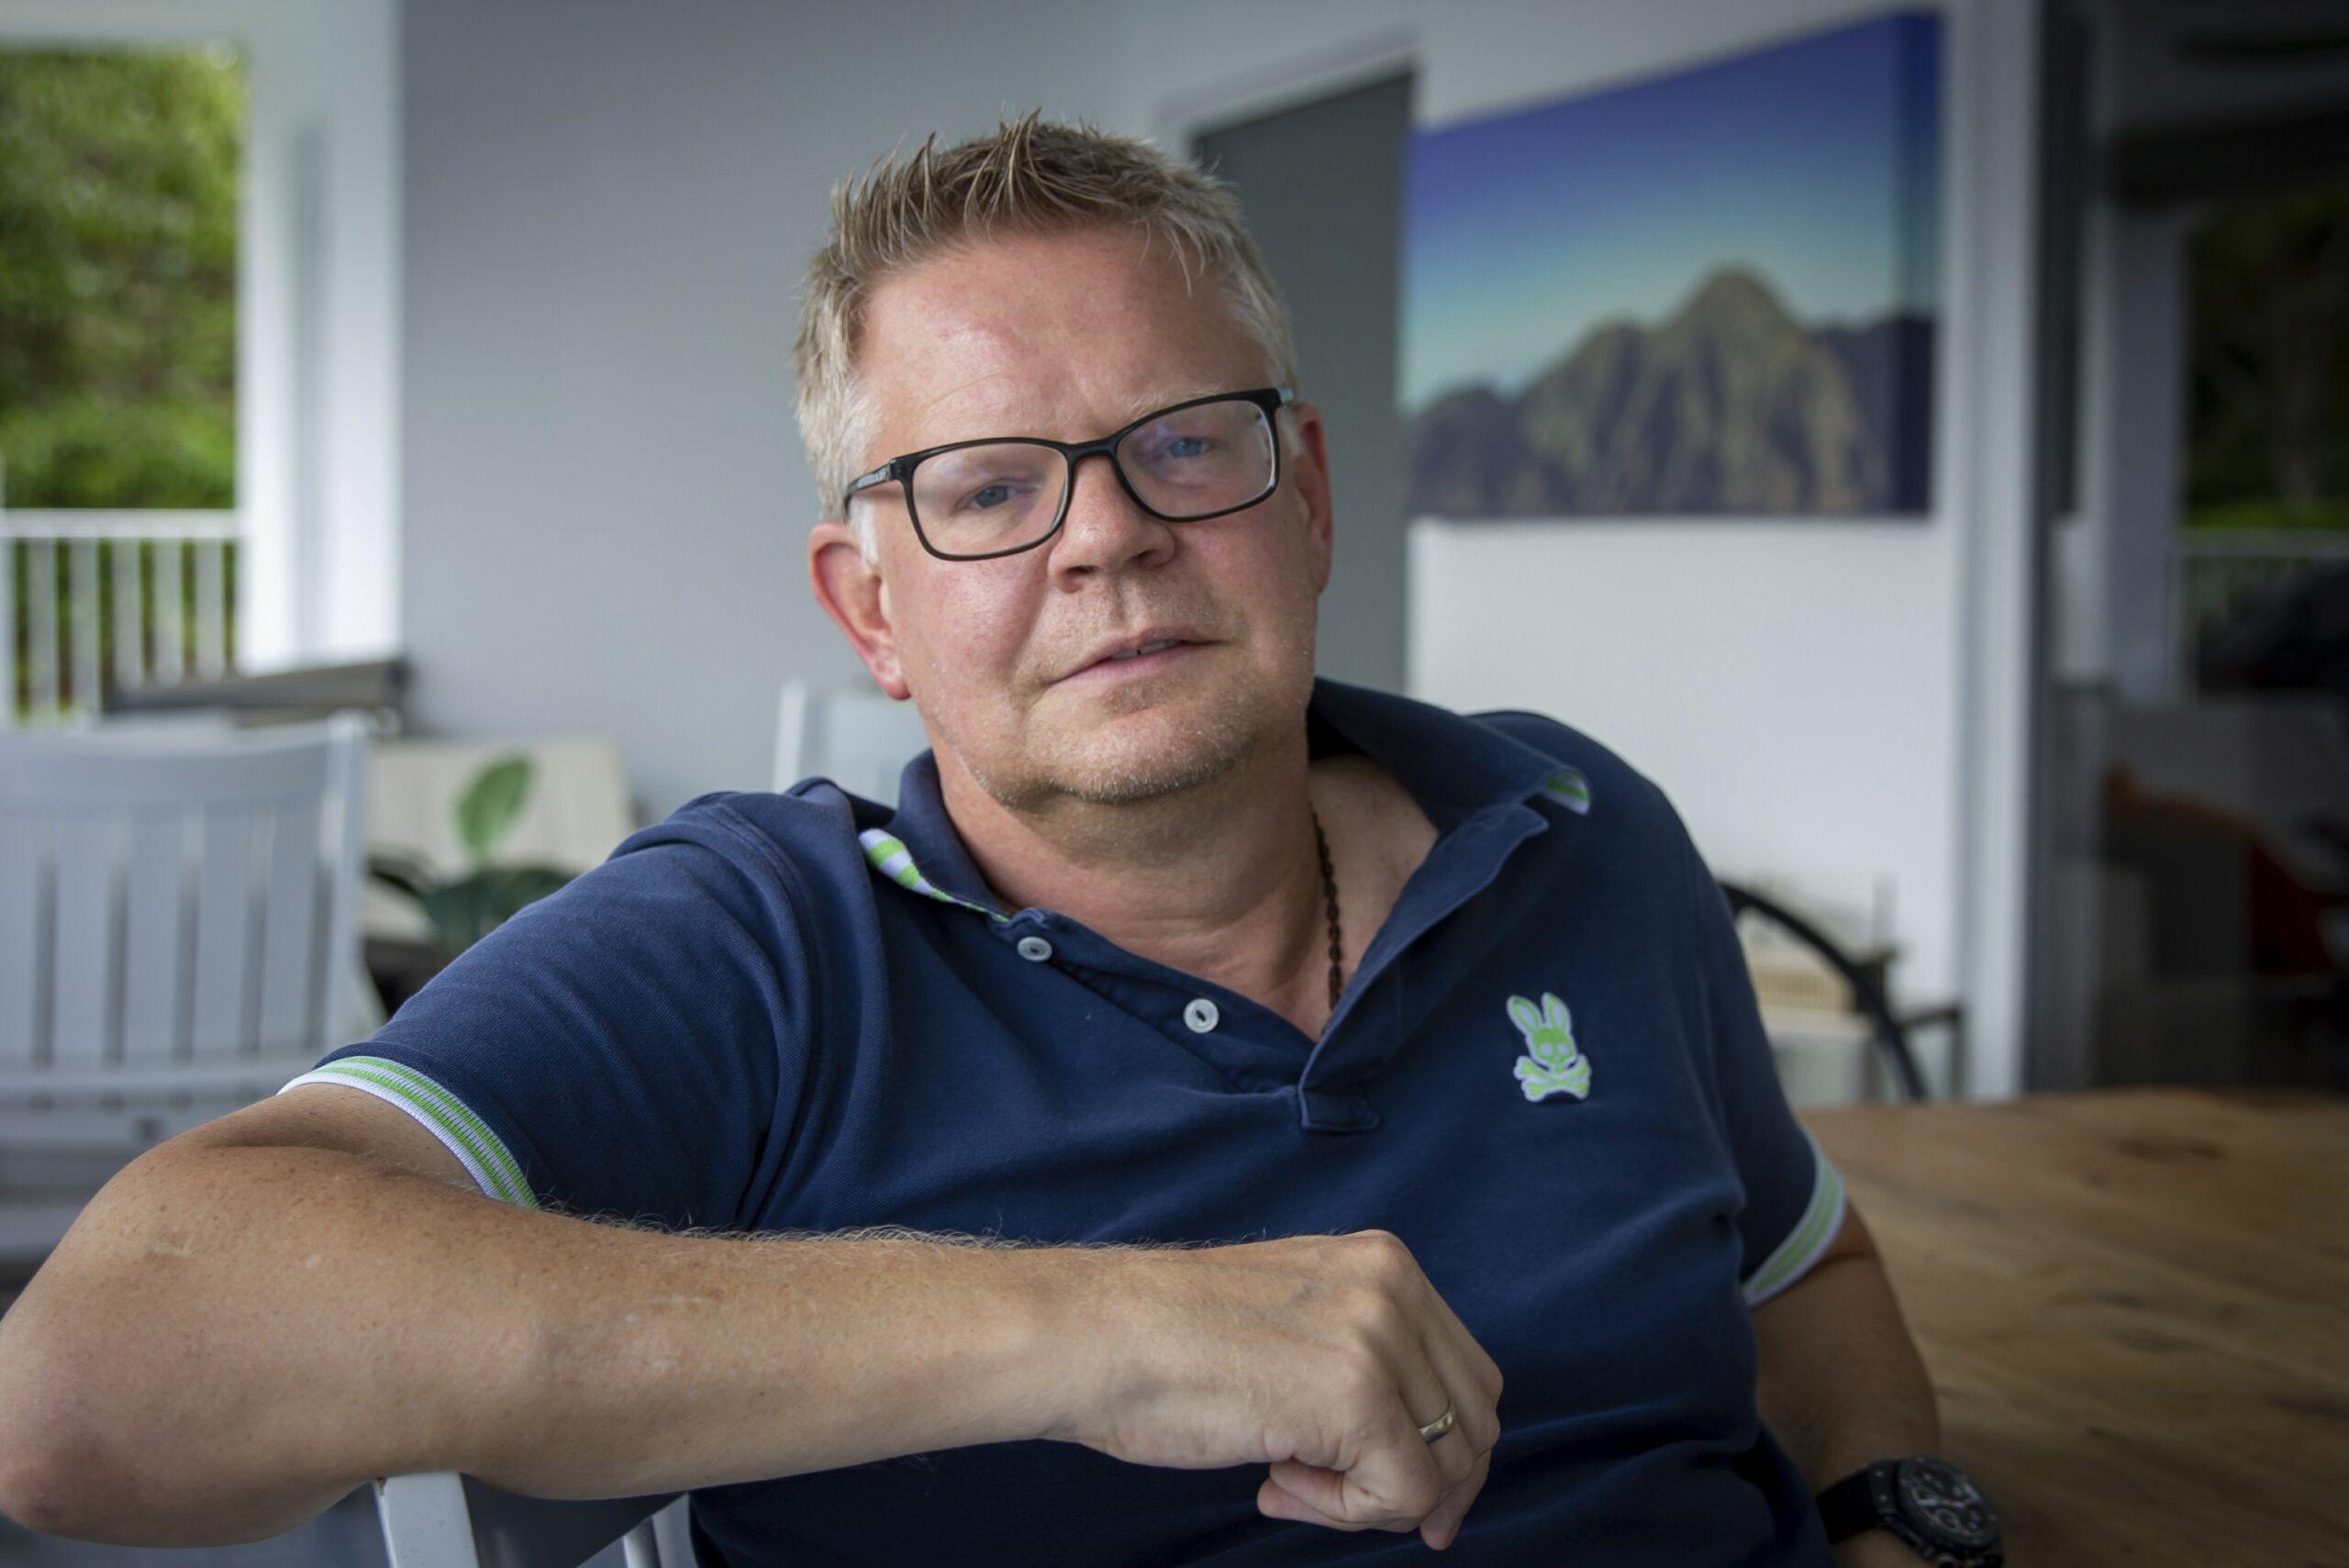 Swiss banker to Venezuelan kleptocrats becomes star witness